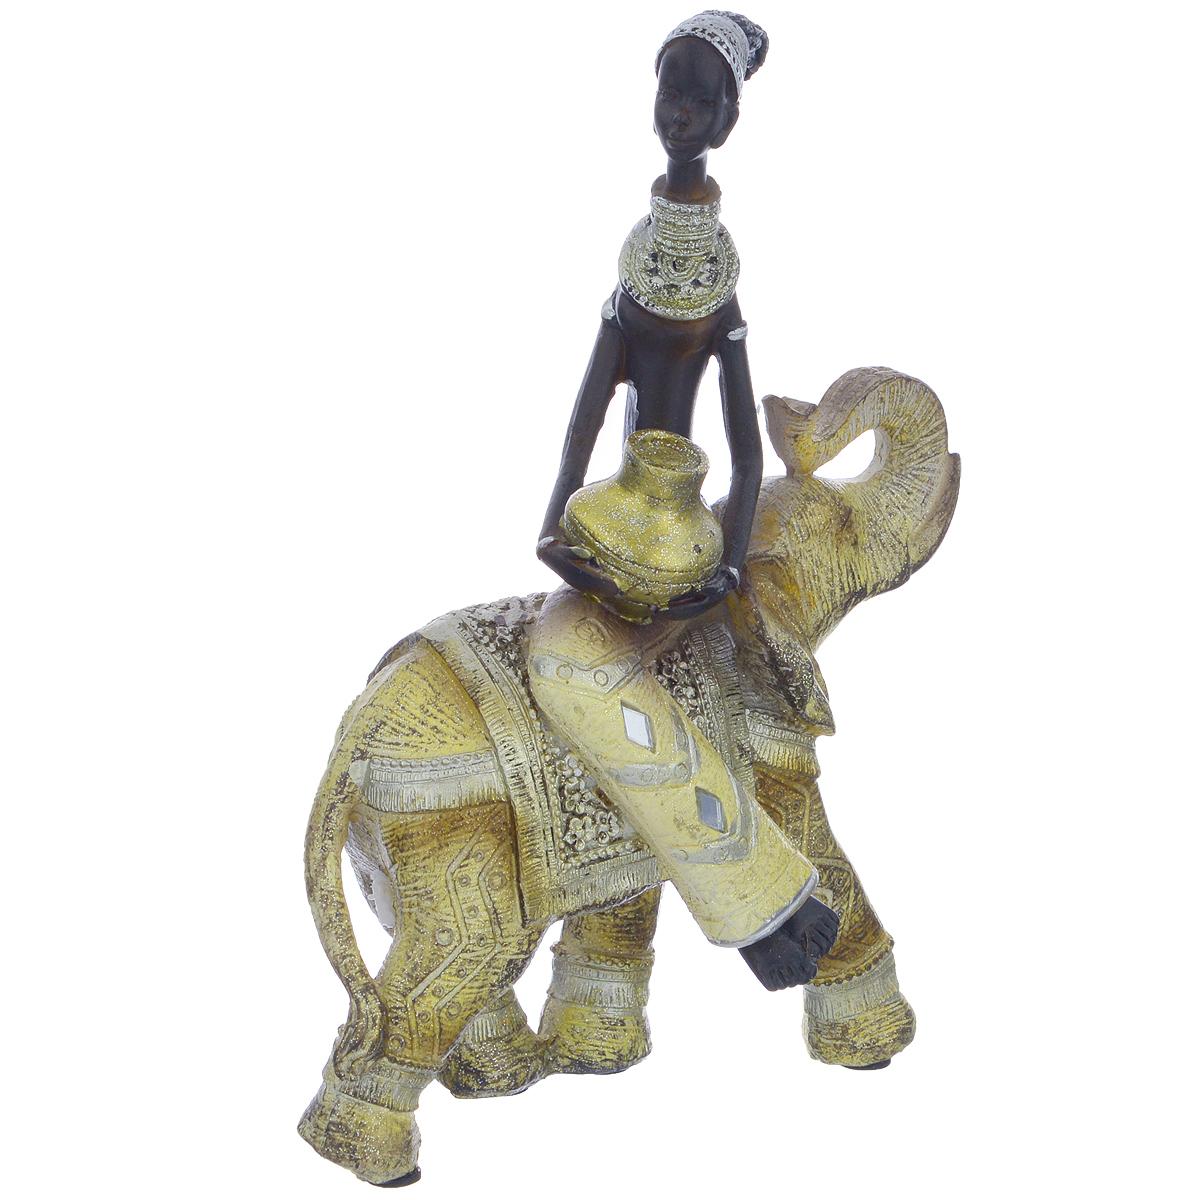 Фигурка декоративная Molento Африканка и слон, высота 20,5 см549-200Декоративная фигура Molento Африканка и слон, изготовленная из полистоуна, позволит вам украсить интерьер дома, рабочего кабинета или любого другого помещения оригинальным образом. Изделие, выполненное в виде африканской женщины на слоне, оформлено рельефным рисунком и блестками. С такой декоративной фигурой вы сможете не просто внести в интерьер элемент оригинальности, но и создать атмосферу загадочности и изысканности. Размер фигурки: 15,5 см х 7 см х 20,5 см.